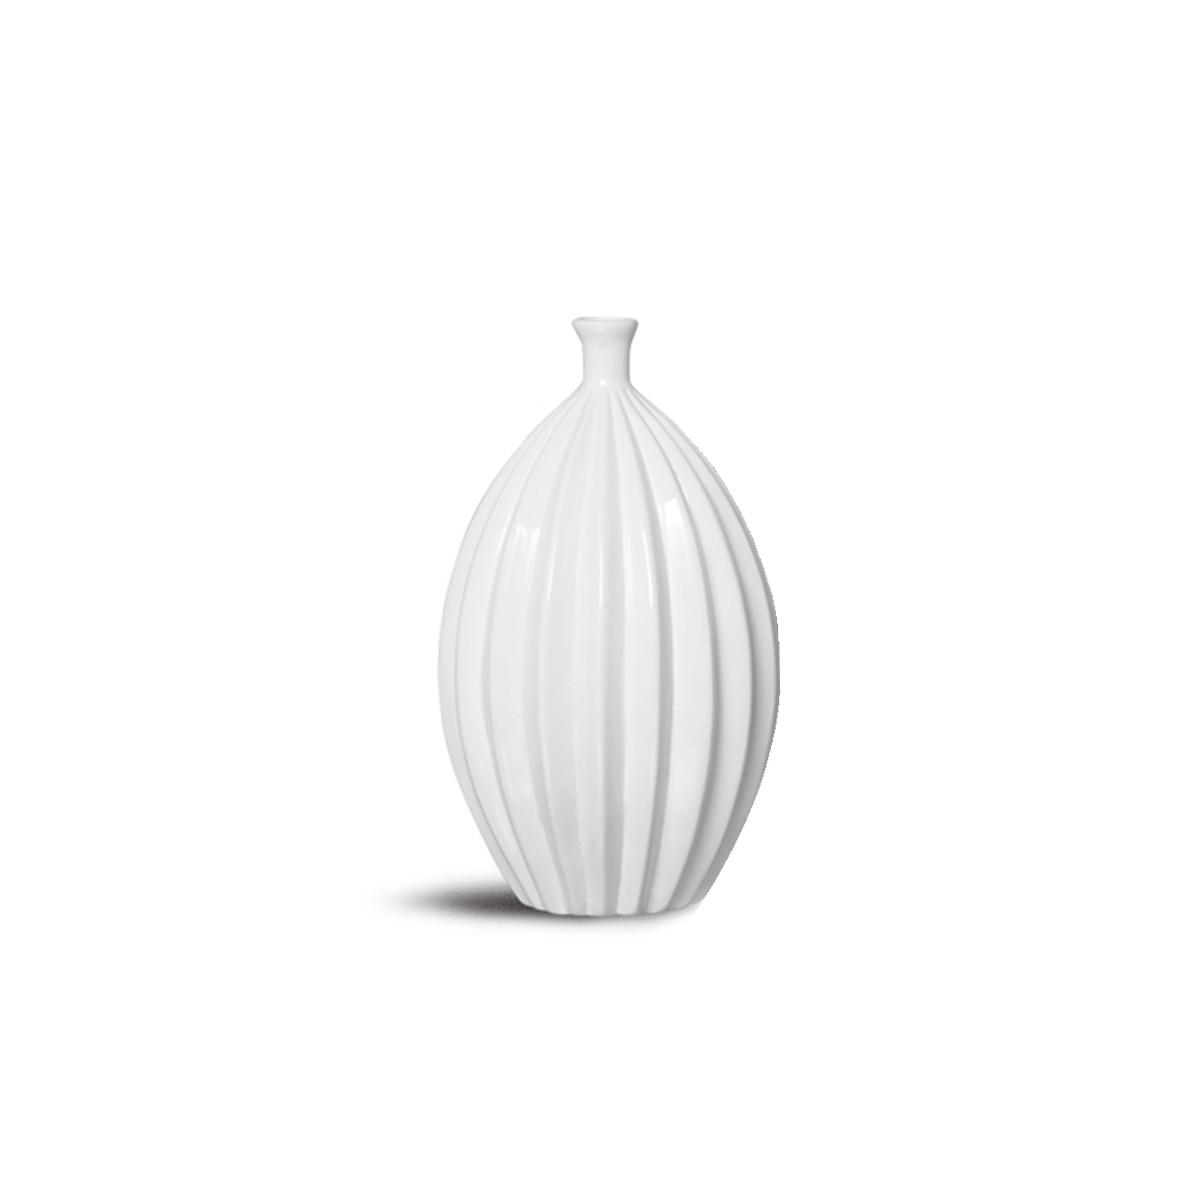 Vaso Viena M Enfeite Mesa Cerâmica Decoração Clássica Branca